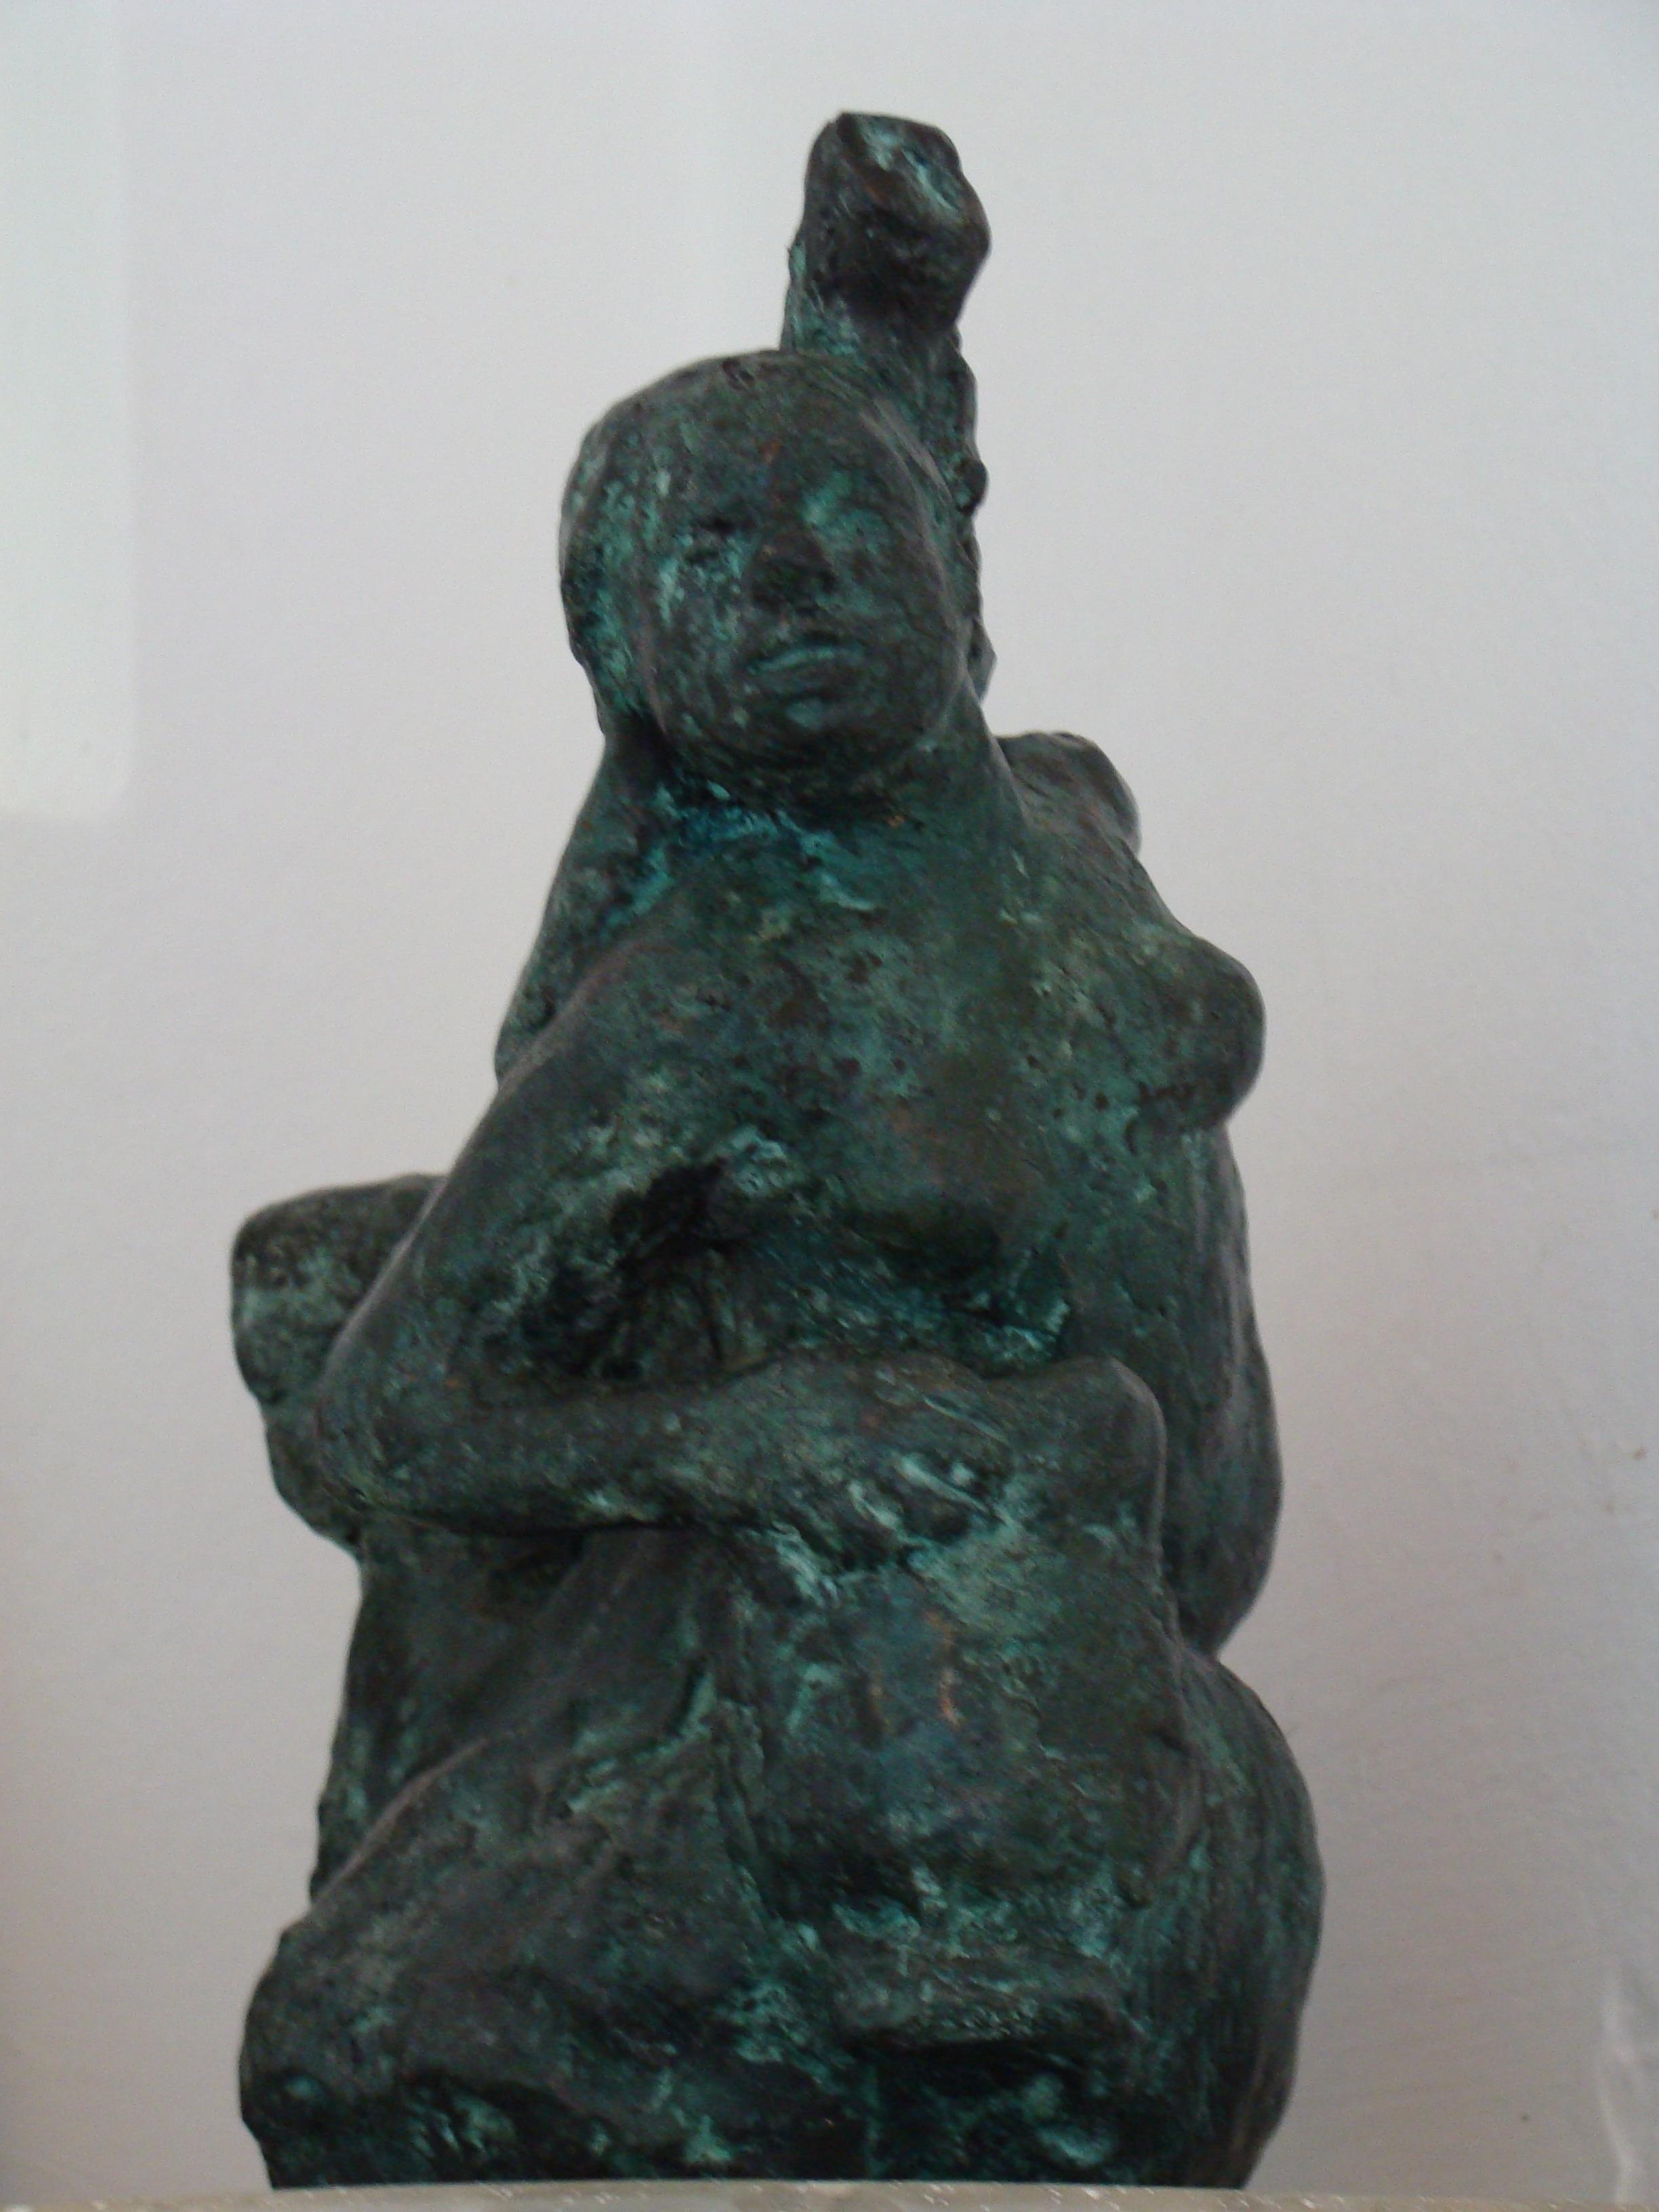 34.3 Vôo - bronze (15hx23x20 cm)